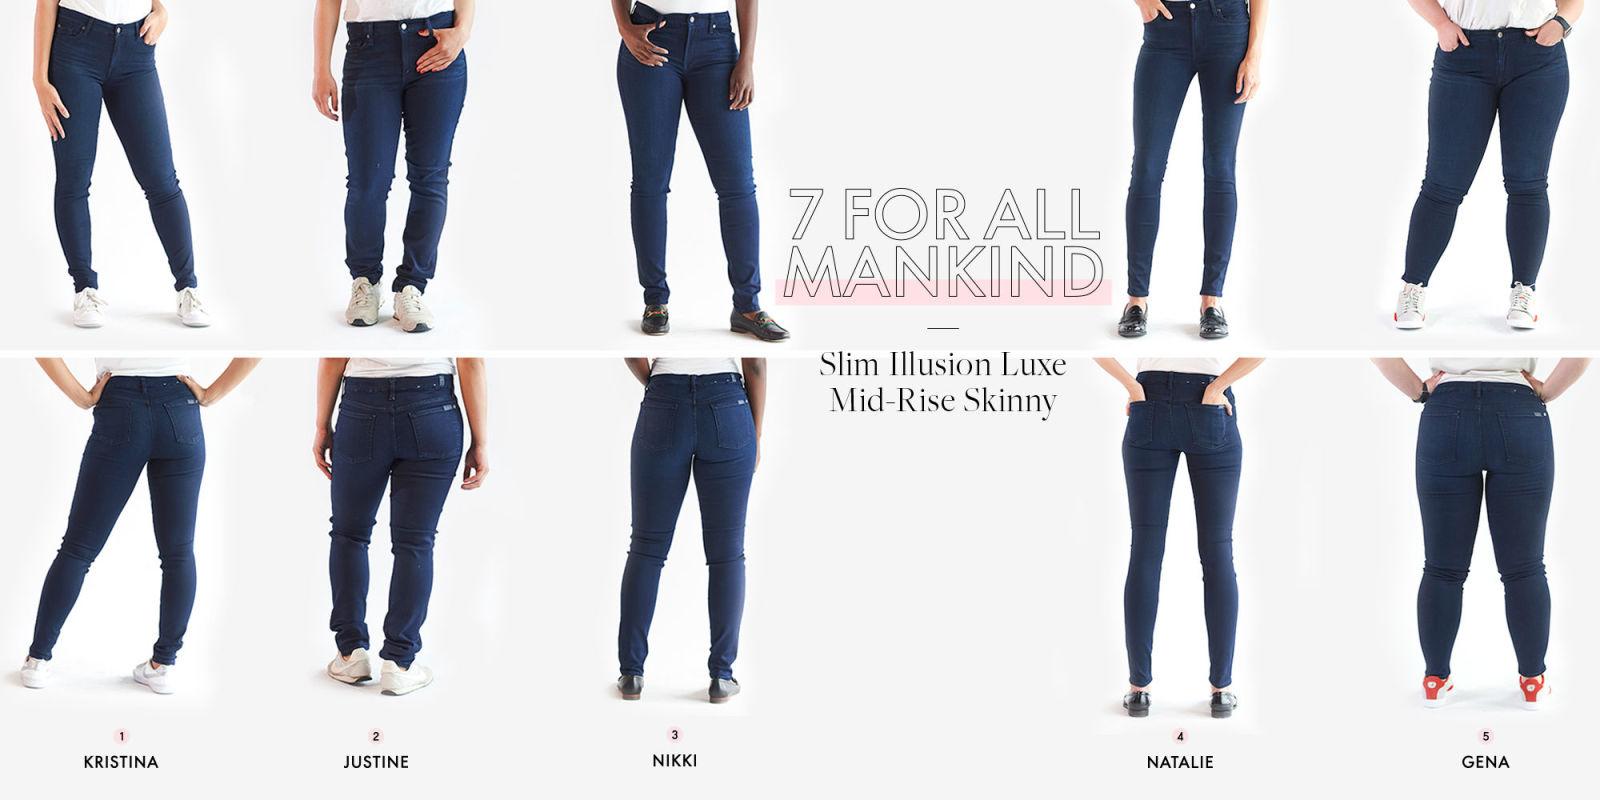 10 Best Types of Jeans for Women – Flattering Denim Styles for All ...